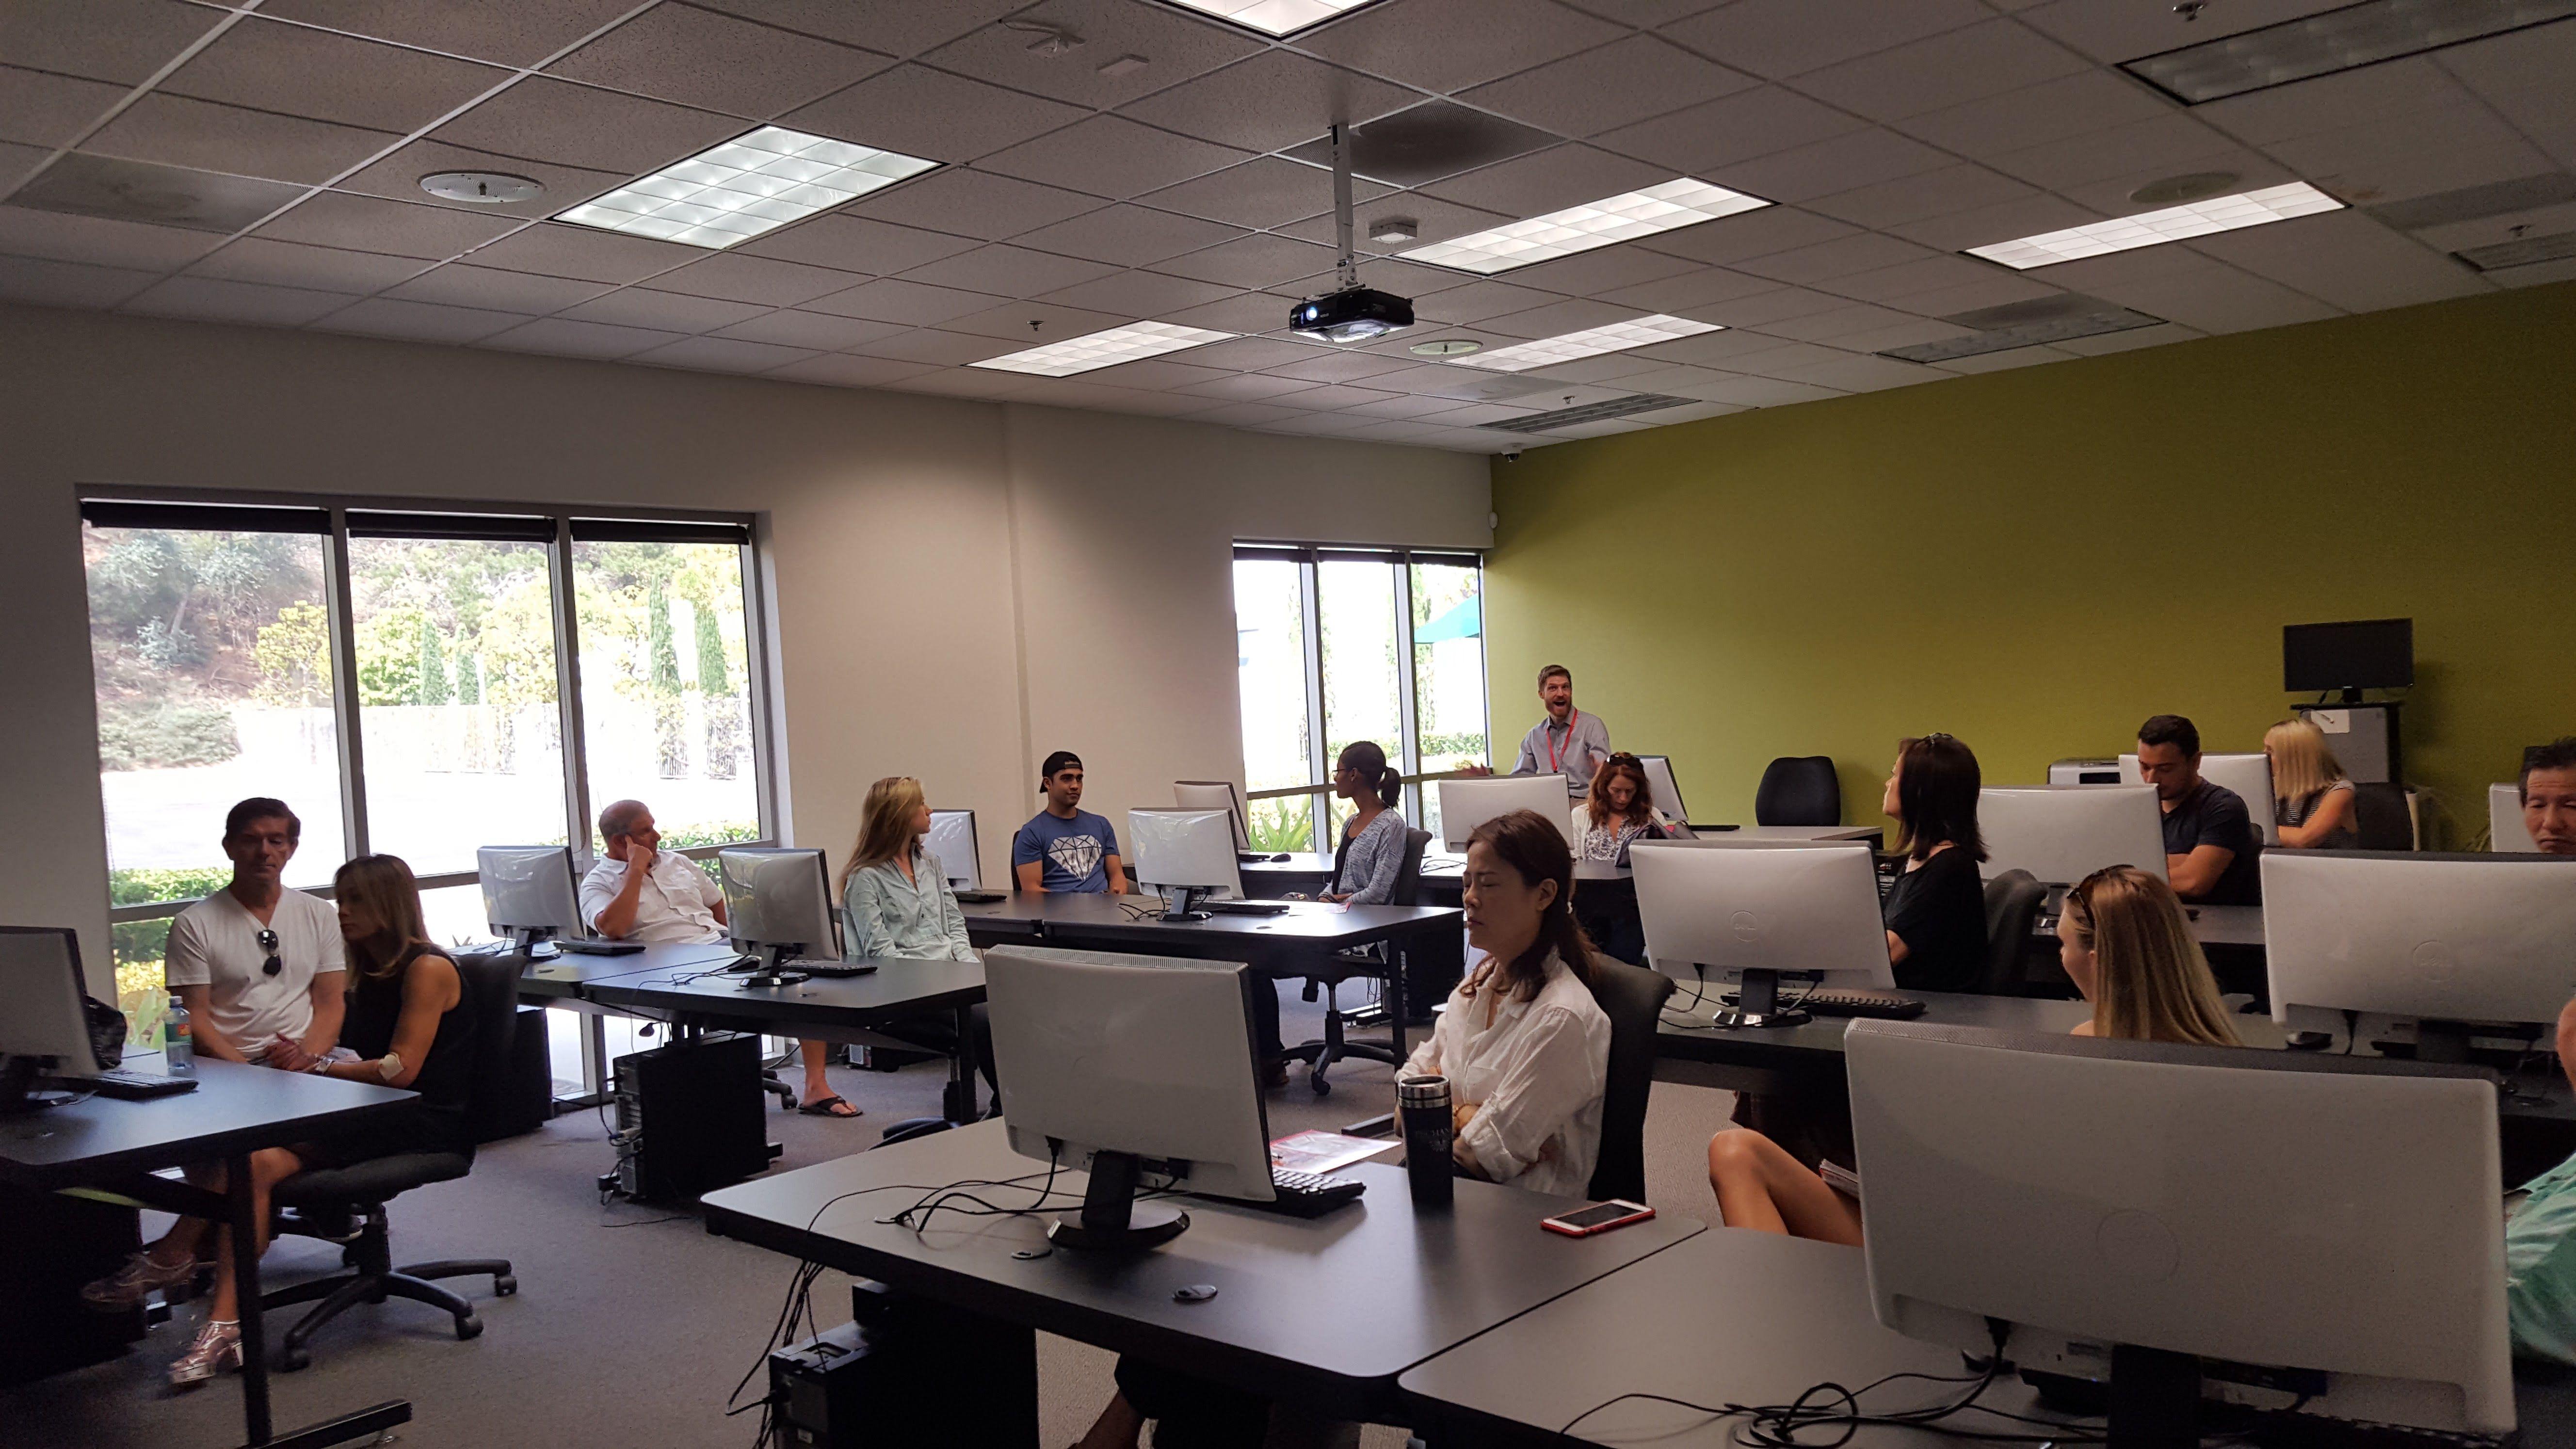 Students In The Computer Lab At Interior Designers Institute Education Design Interior Interior Design Institute Interior Design School